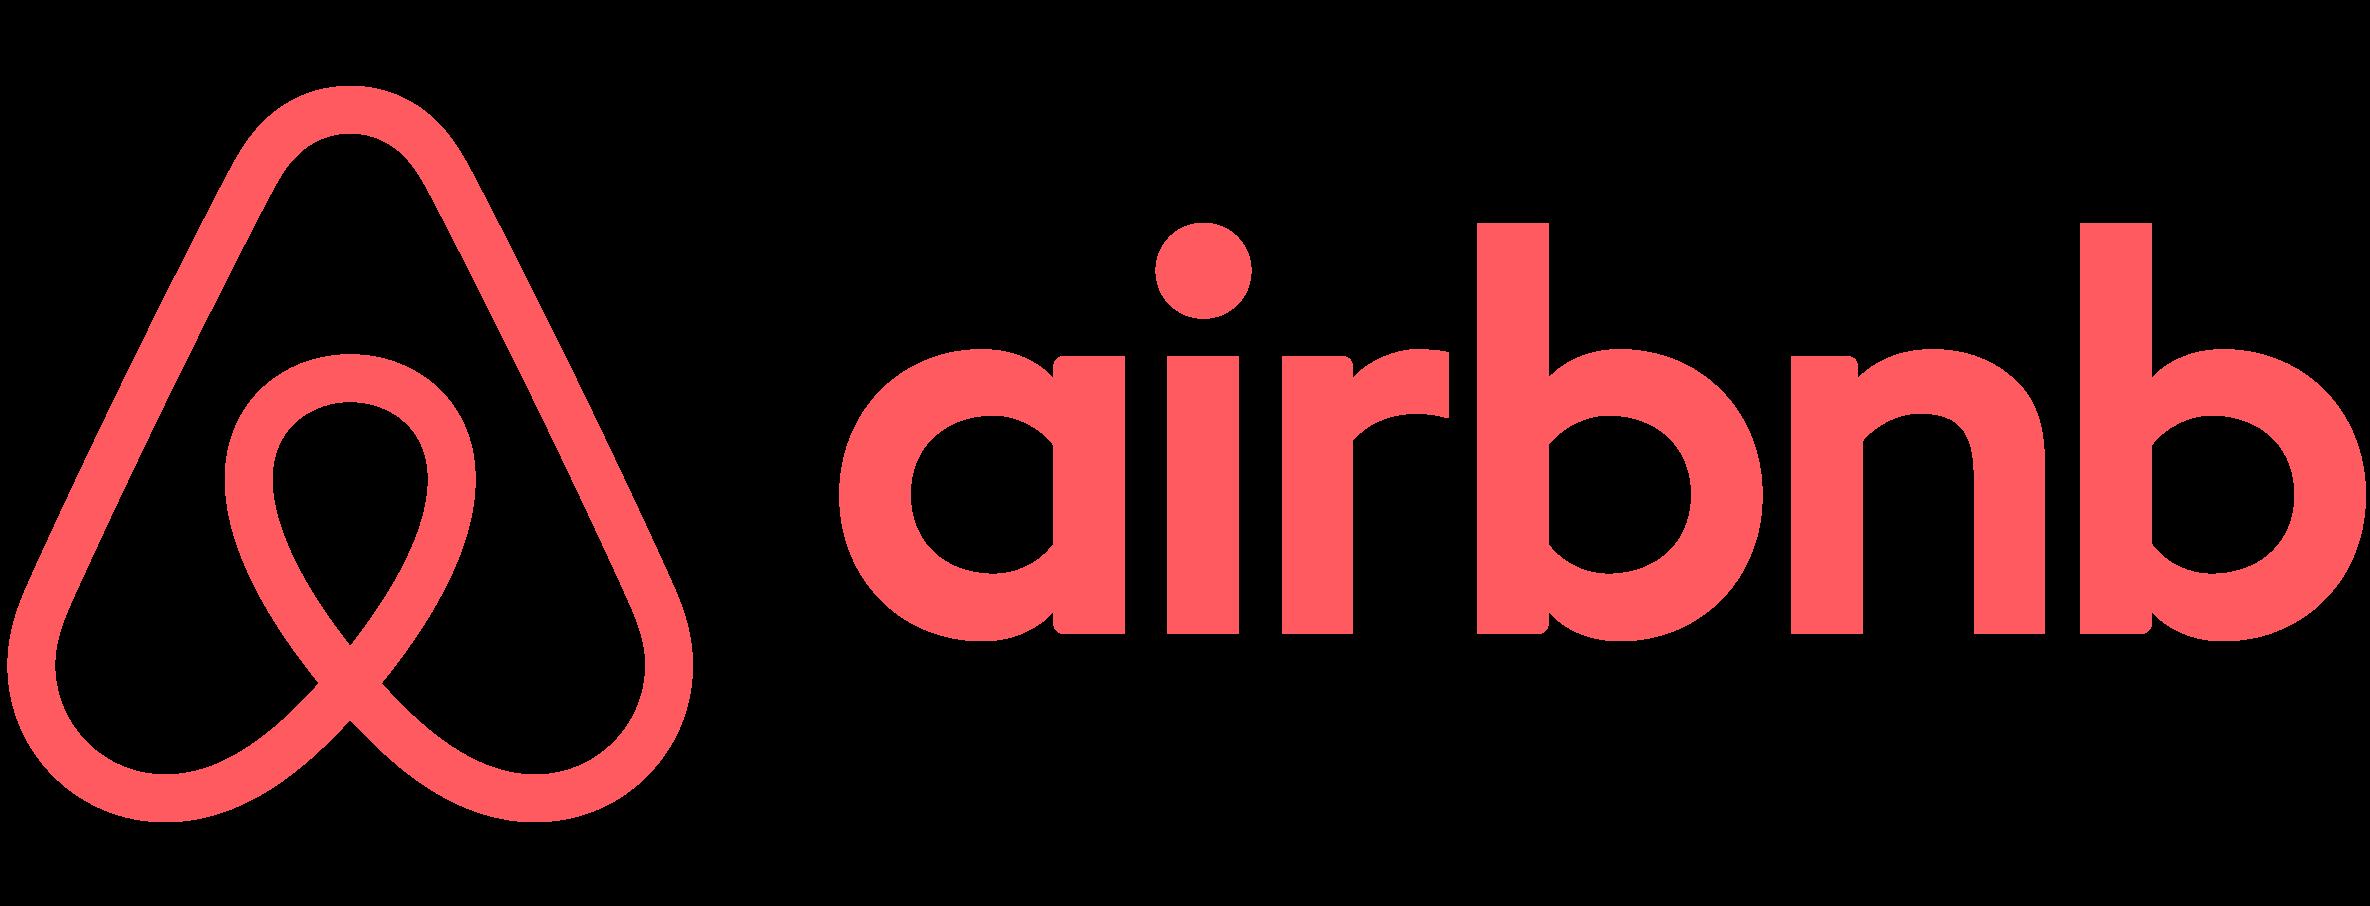 La nueva identidad visual representada por el nuevo logo y símbolo de Airbnb: Bélo.